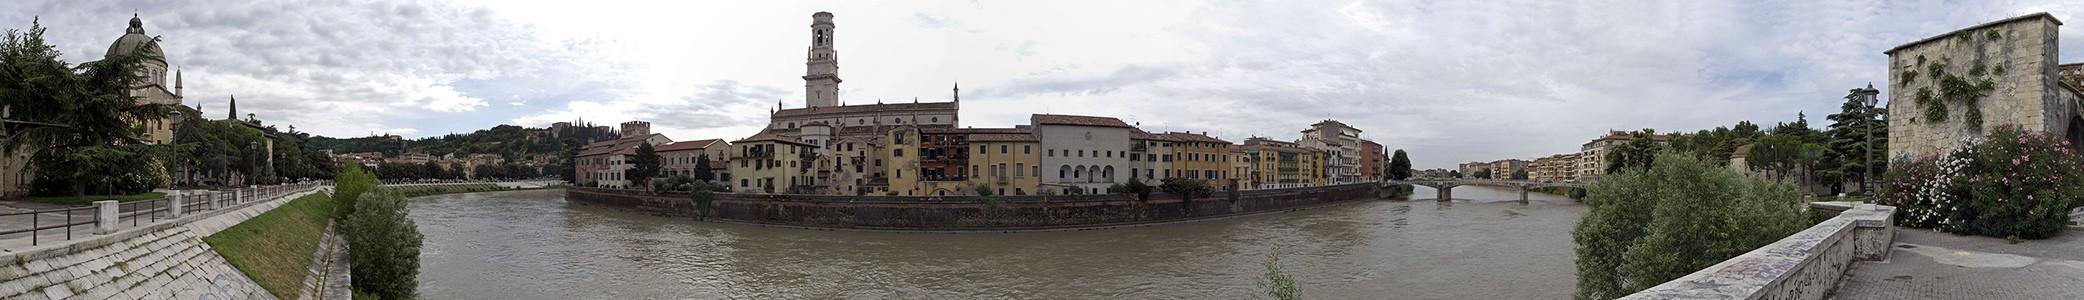 Verona Centro Storico (Altstadt) Duomo Cattedrale di Santa Maria Matricolare Etsch Ponte Garibaldi San Giorgio in Braida Torre e Postazione d' Artiglieria